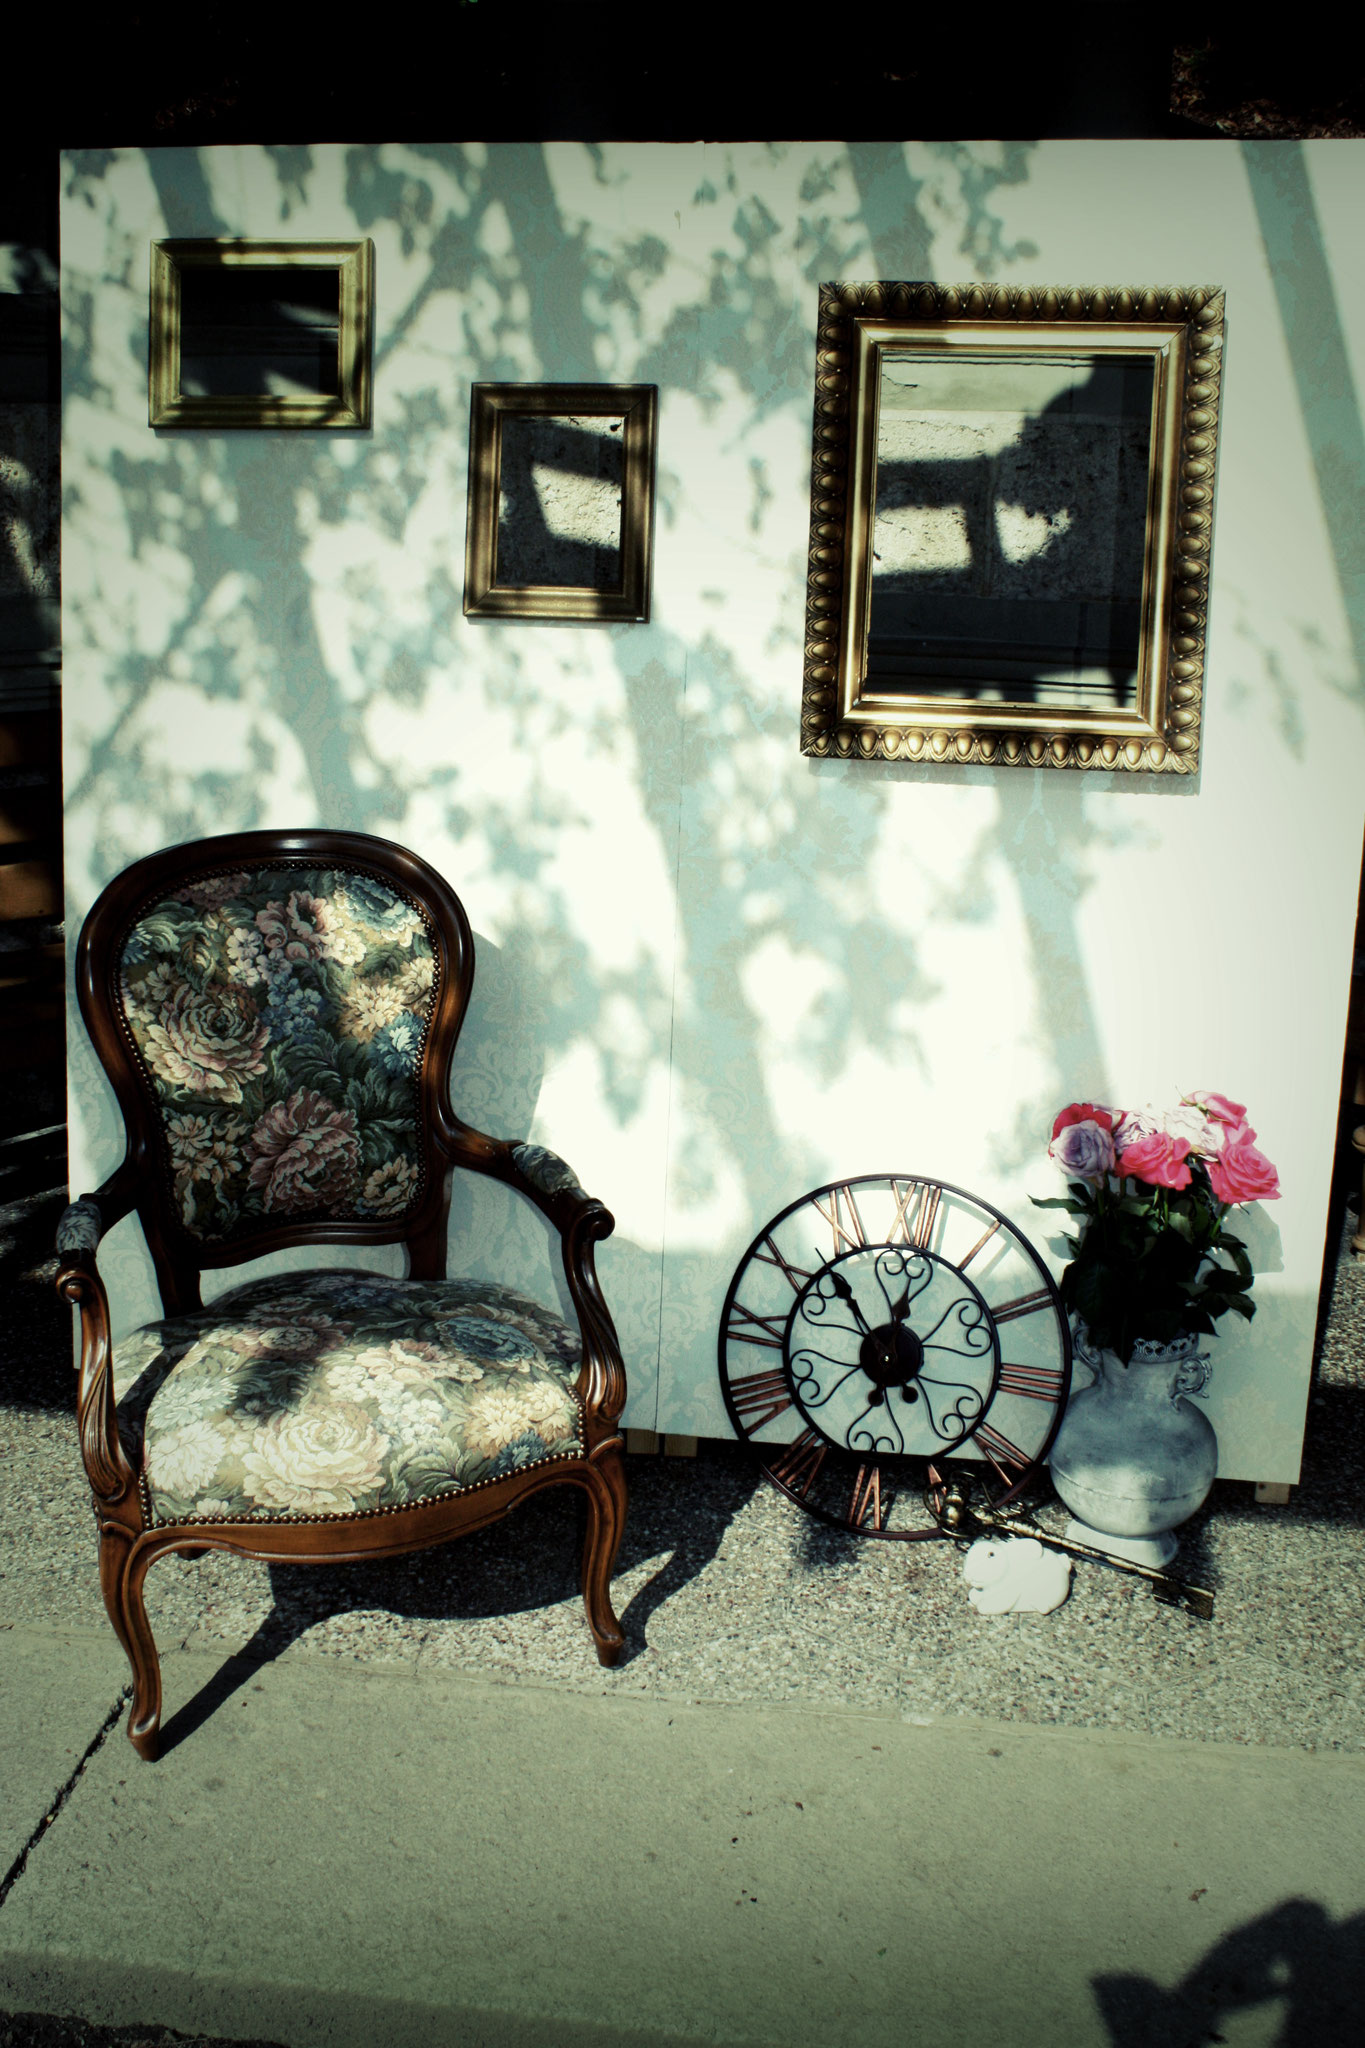 Photo Booth: Tapezierter Backdrop mit goldenen Bilderrahmen, Gobelinsessel und Wunderland Deko (Vintage Rental Kollektion)